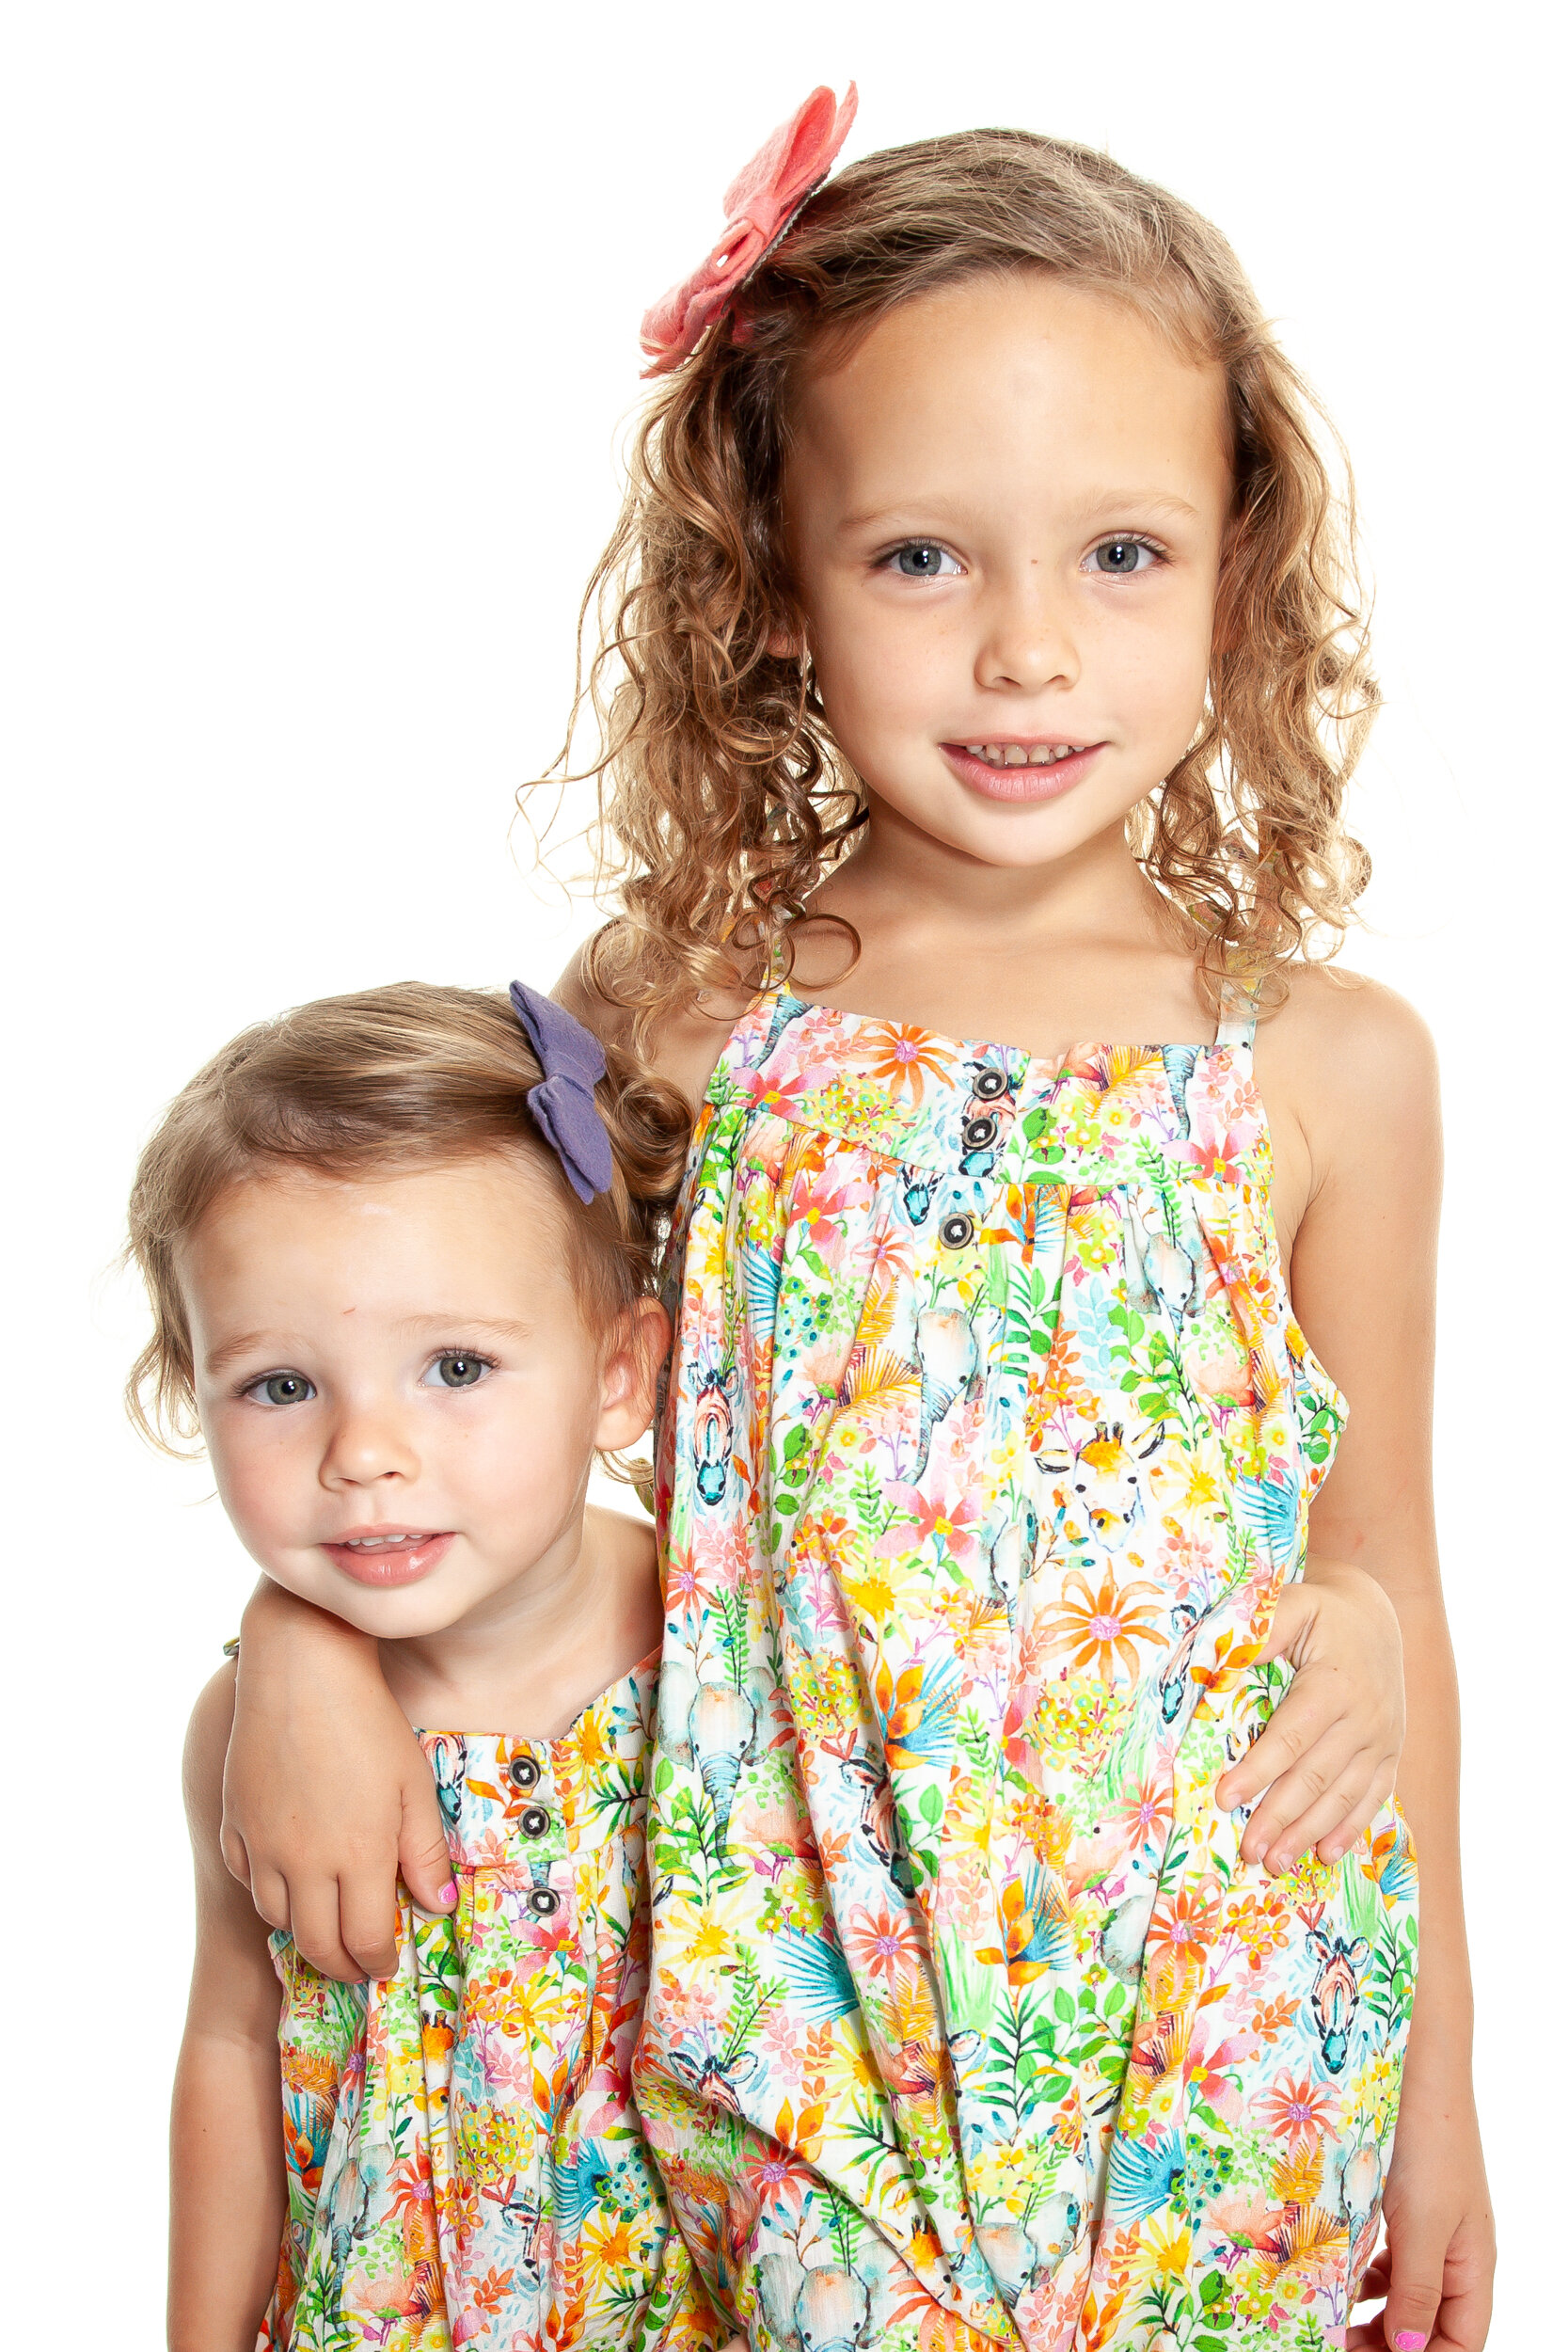 Chloe & Sophie Harvey 04.04.17.jpg